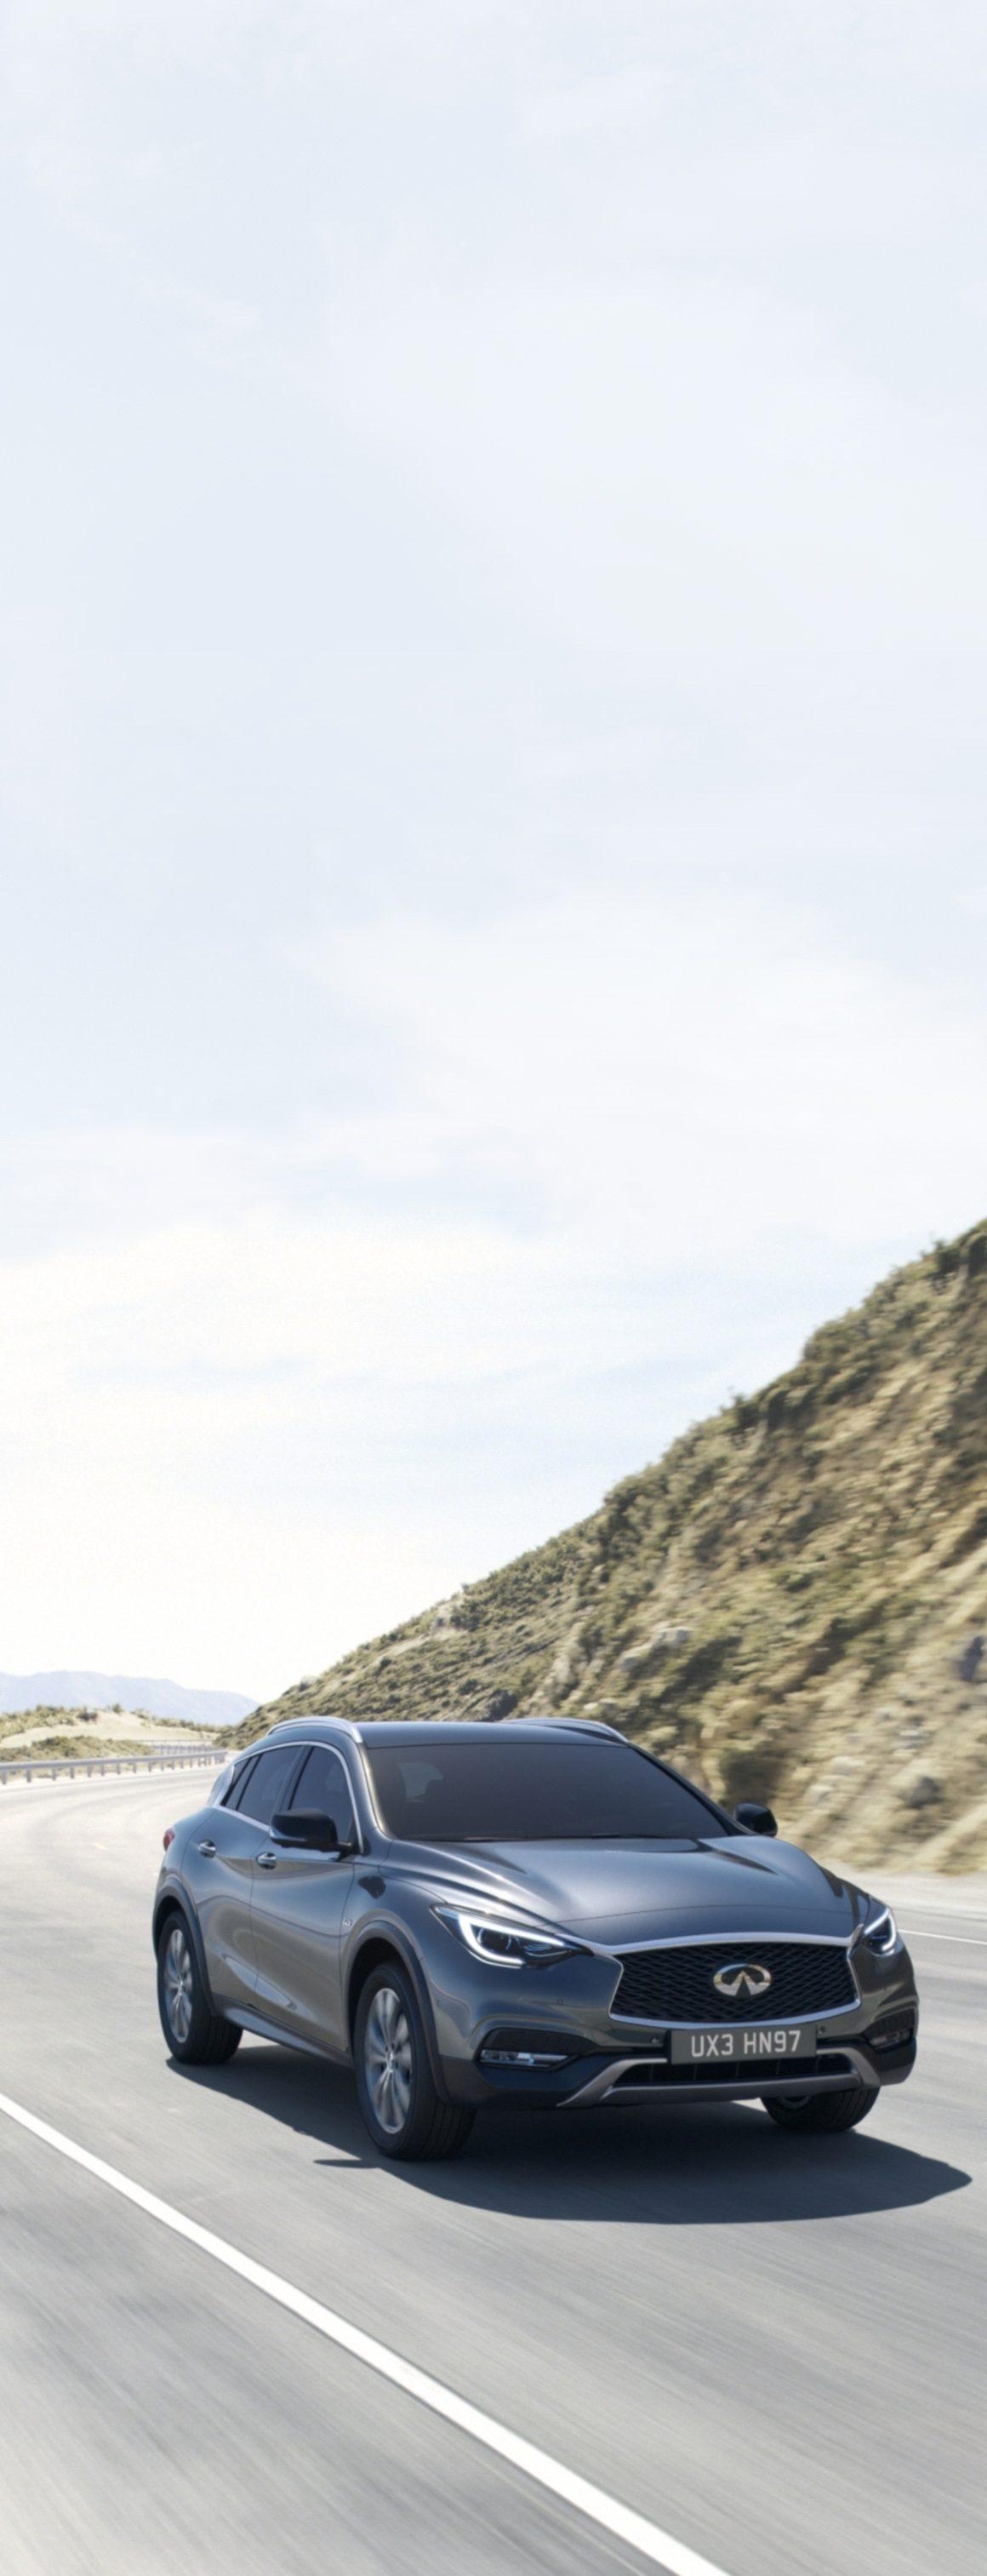 site officiel d 39 infiniti fr nouvelles voitures de luxe hautes performances. Black Bedroom Furniture Sets. Home Design Ideas